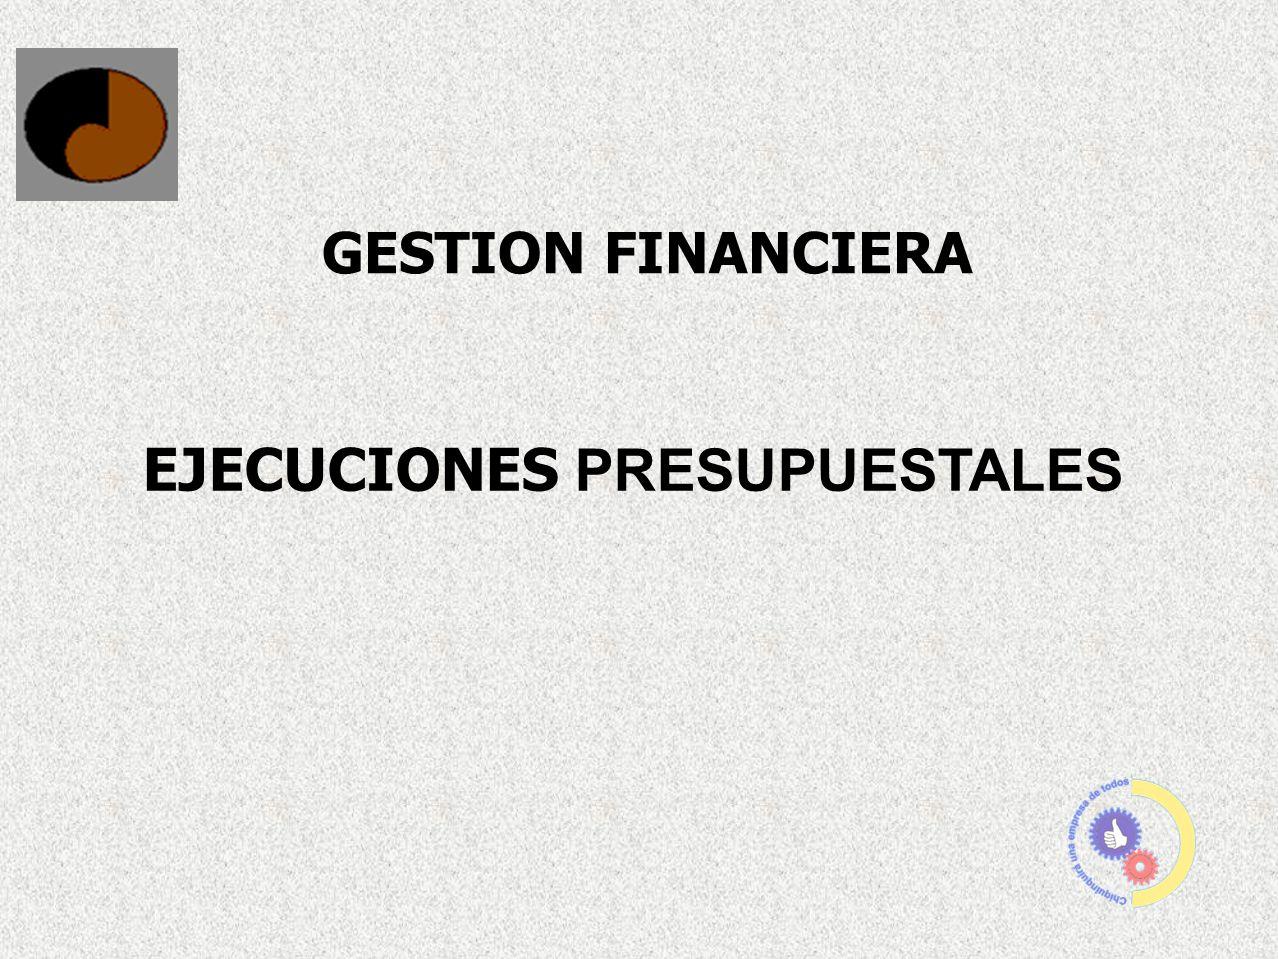 GESTION FINANCIERA EJECUCIONES PRESUPUESTALES